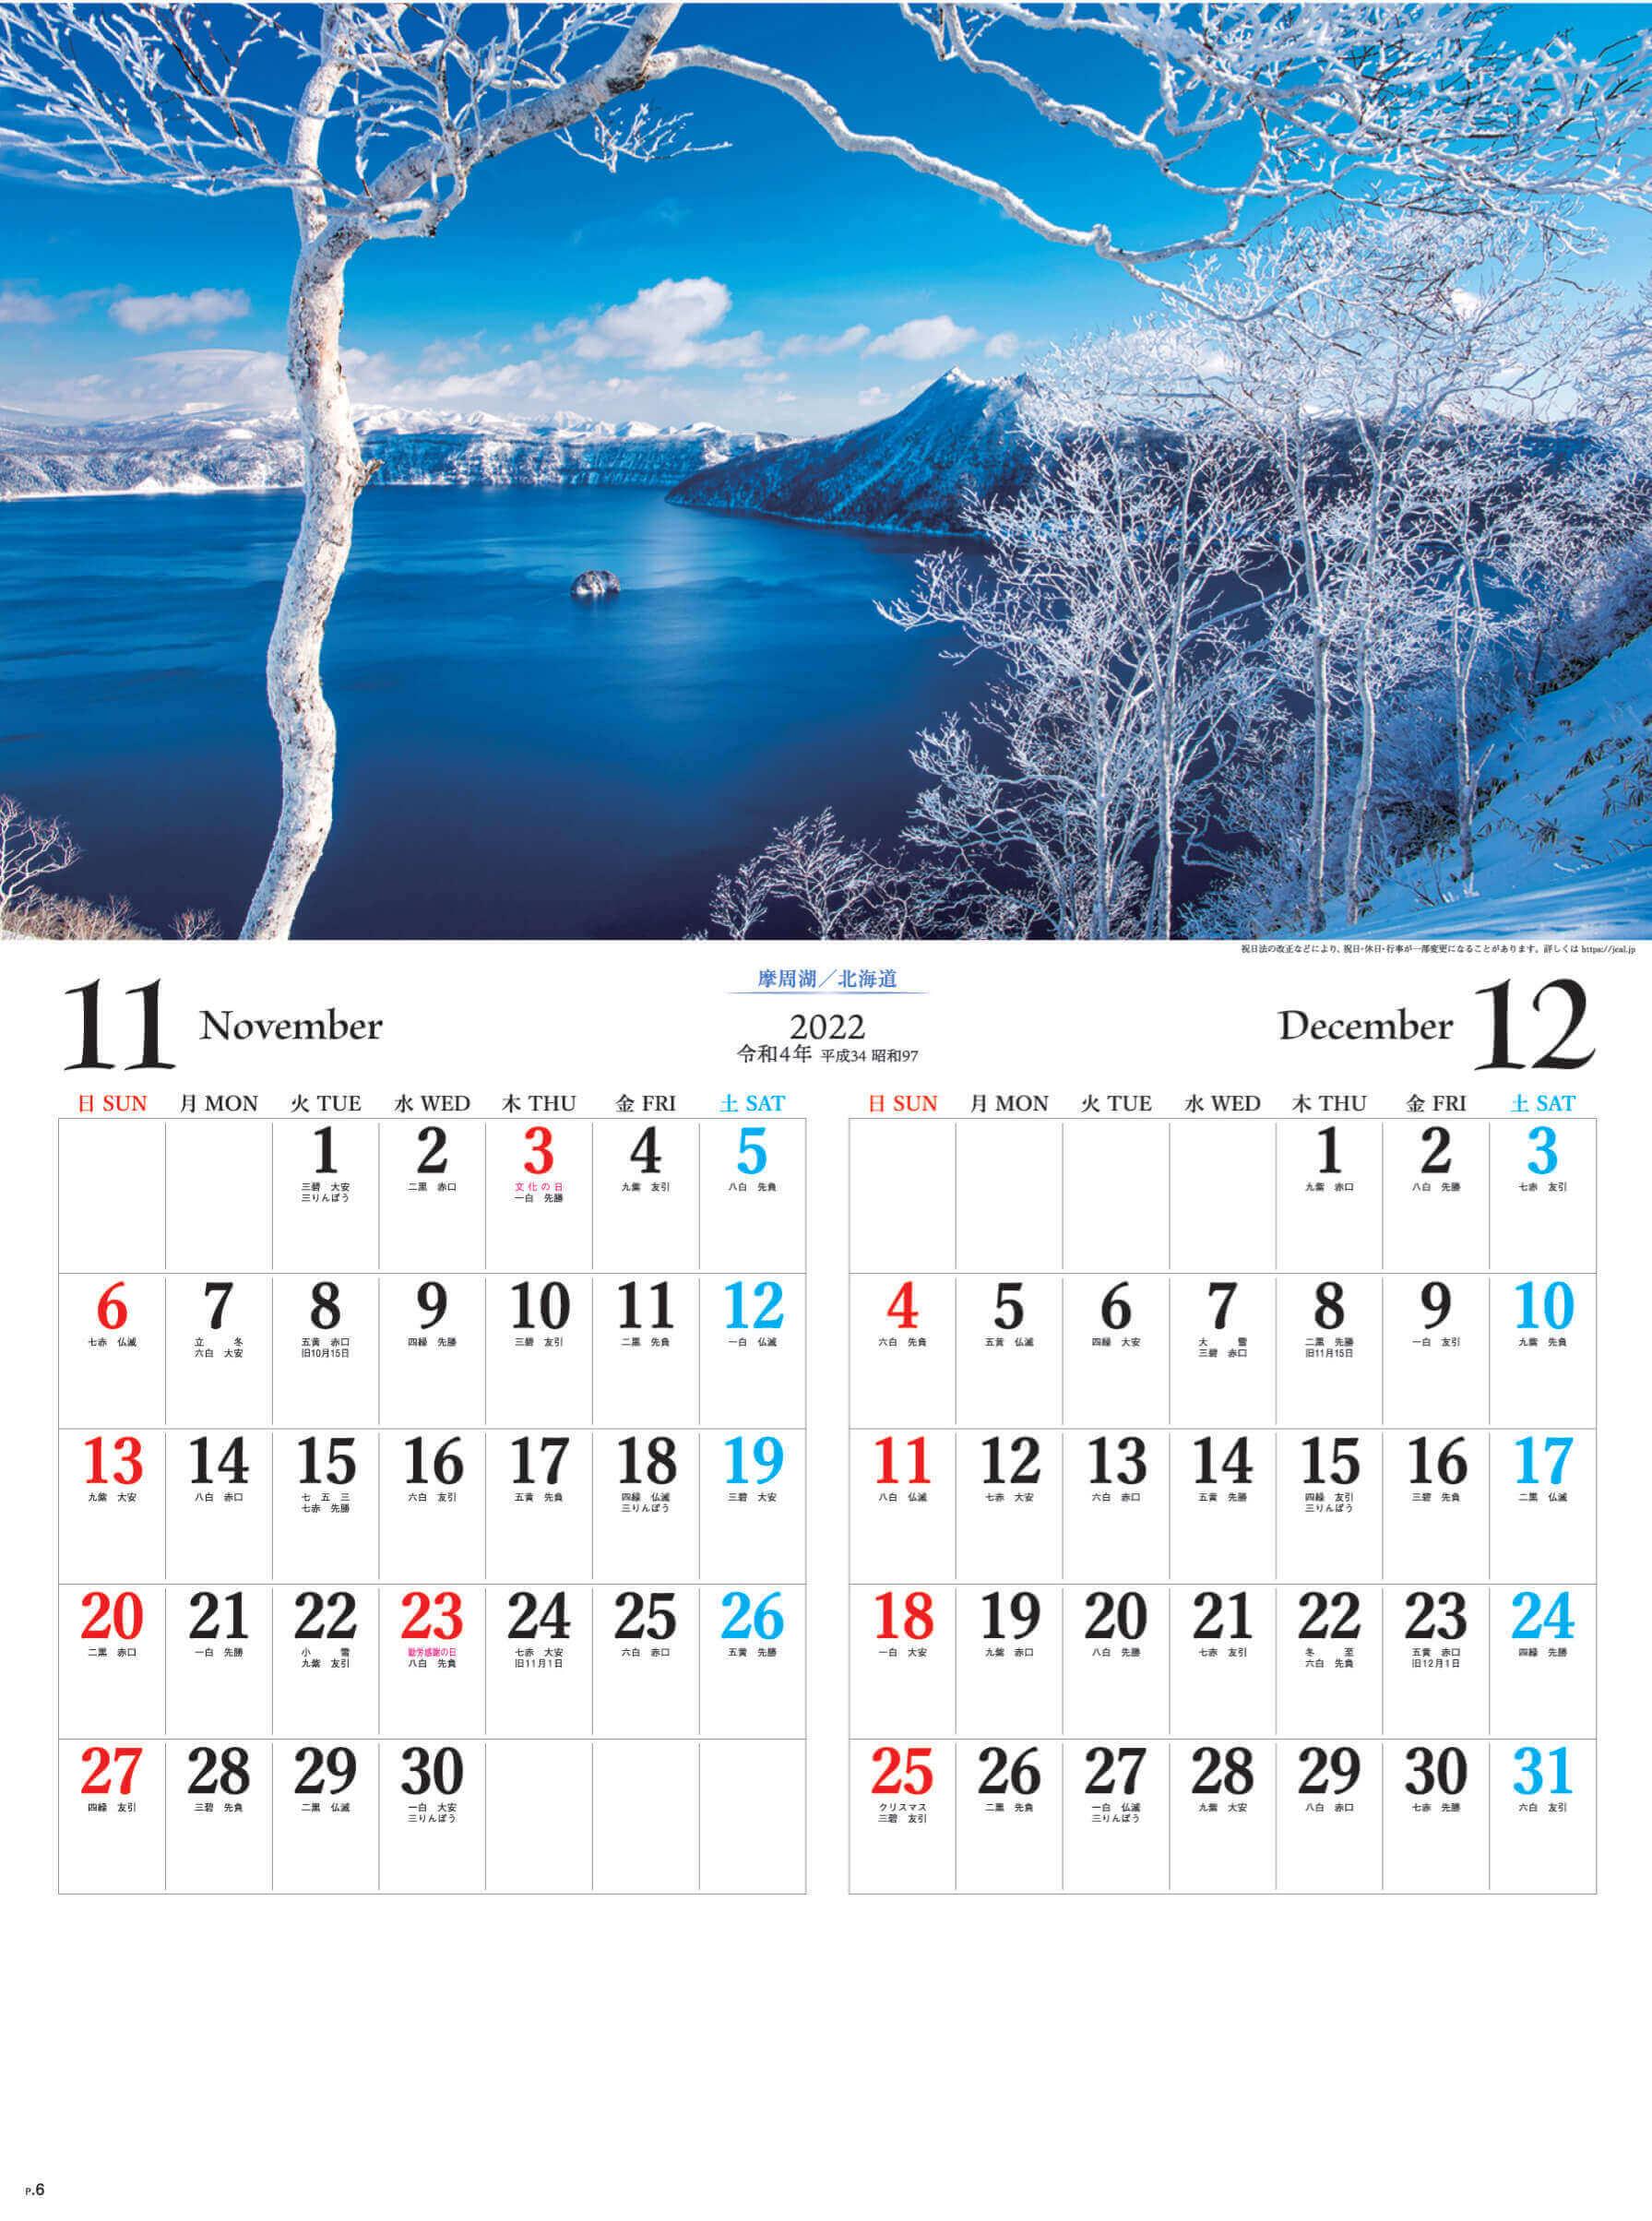 11-12月 摩周湖(北海道) 日本六景 2022年カレンダーの画像